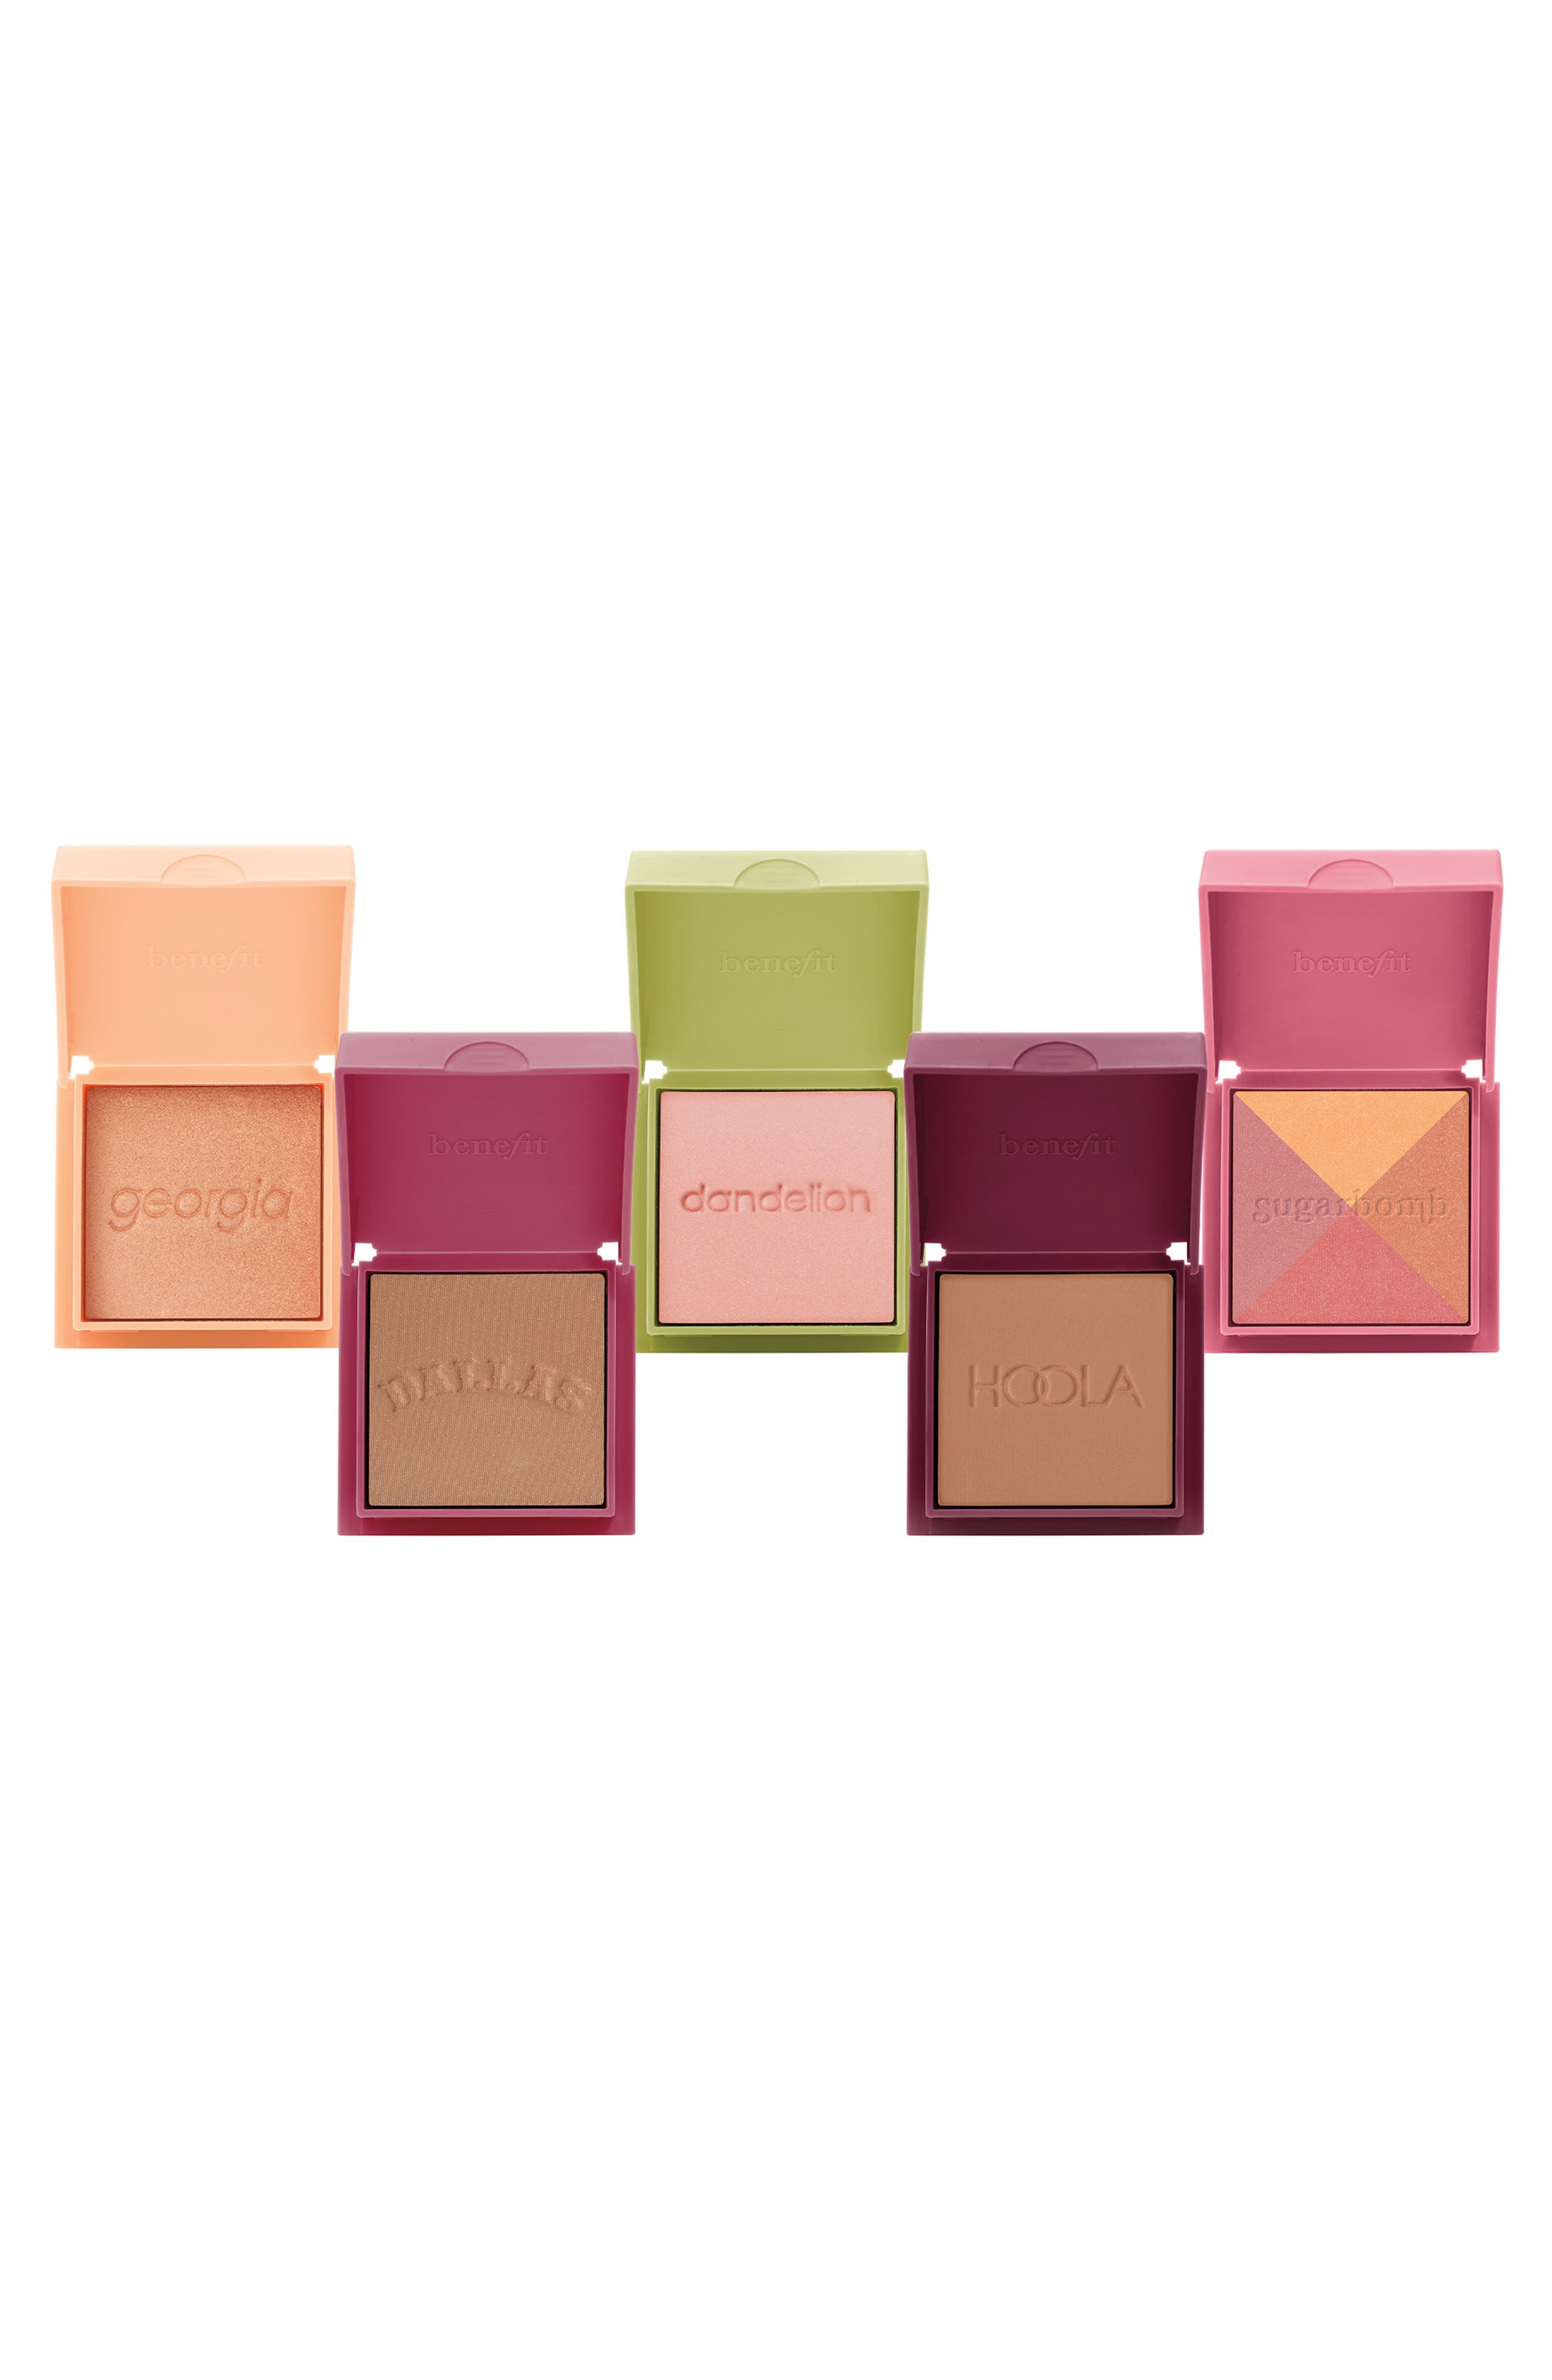 Benefit Cheektopia 5-Piece Travel Size Blush & Bronzer Set